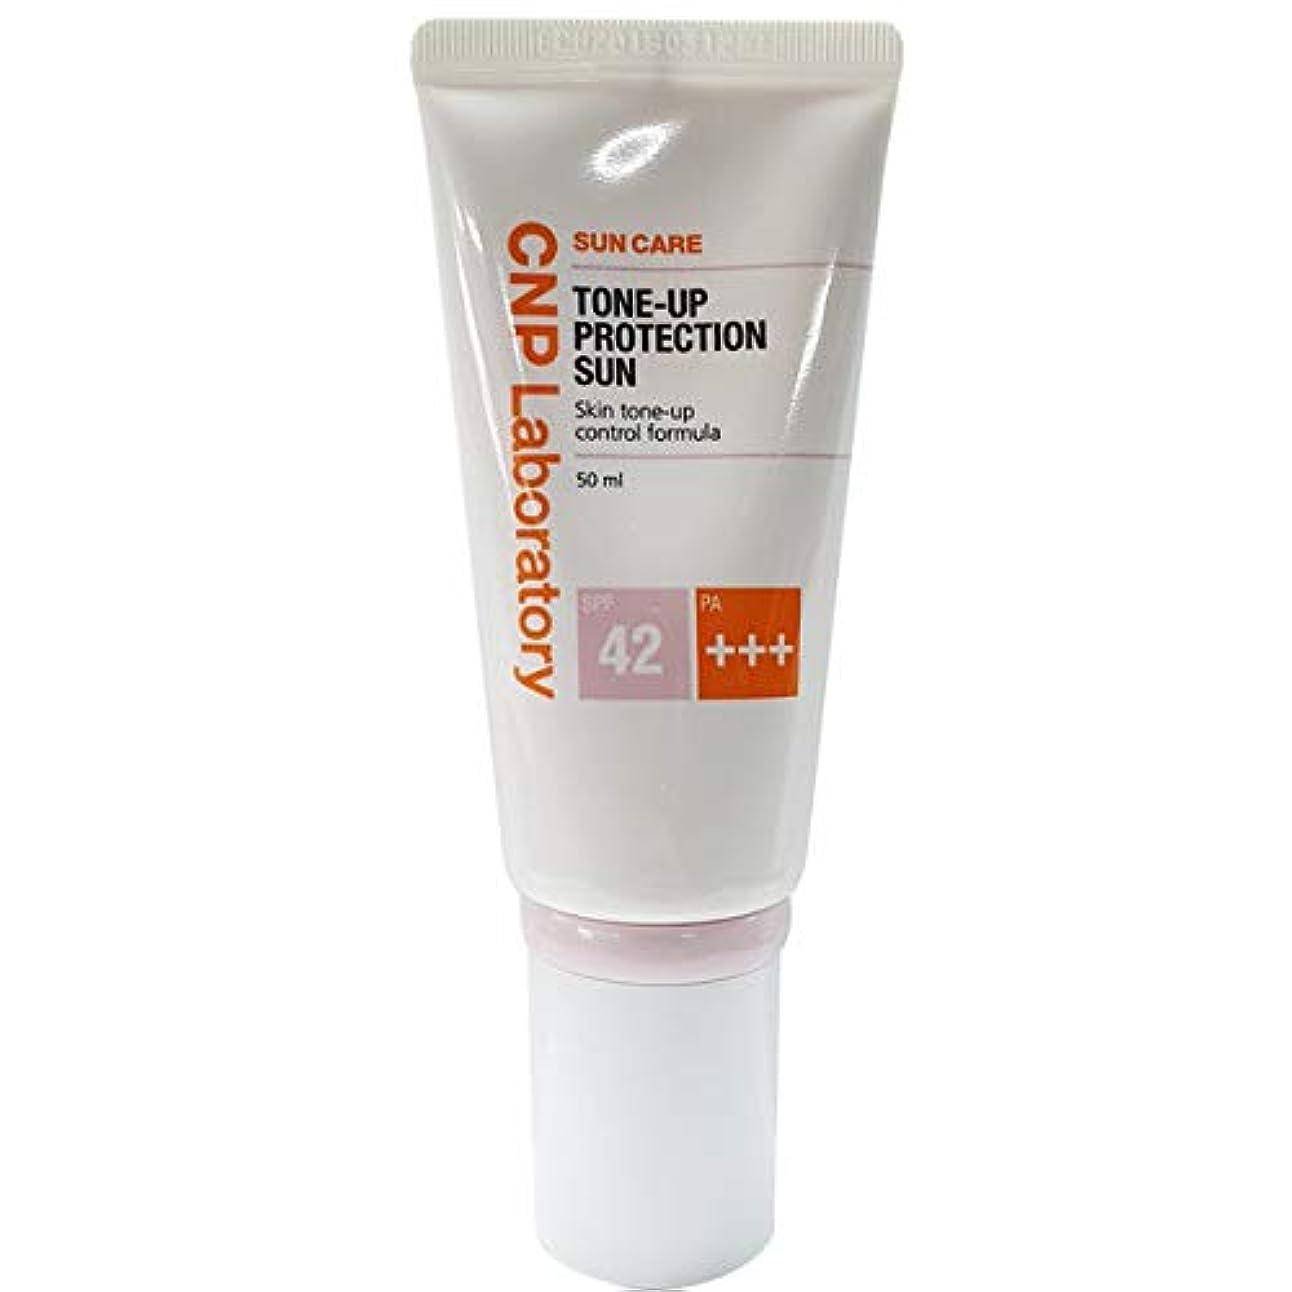 硬化する従事する厚さCNP チャアンドパク トンオププロテクションサン?クリーム紫外線遮断剤 50ml (SPF42 / PA+++)、2019 NEW, CNP Tone-up Protection Sun Cream/韓国日焼け止め